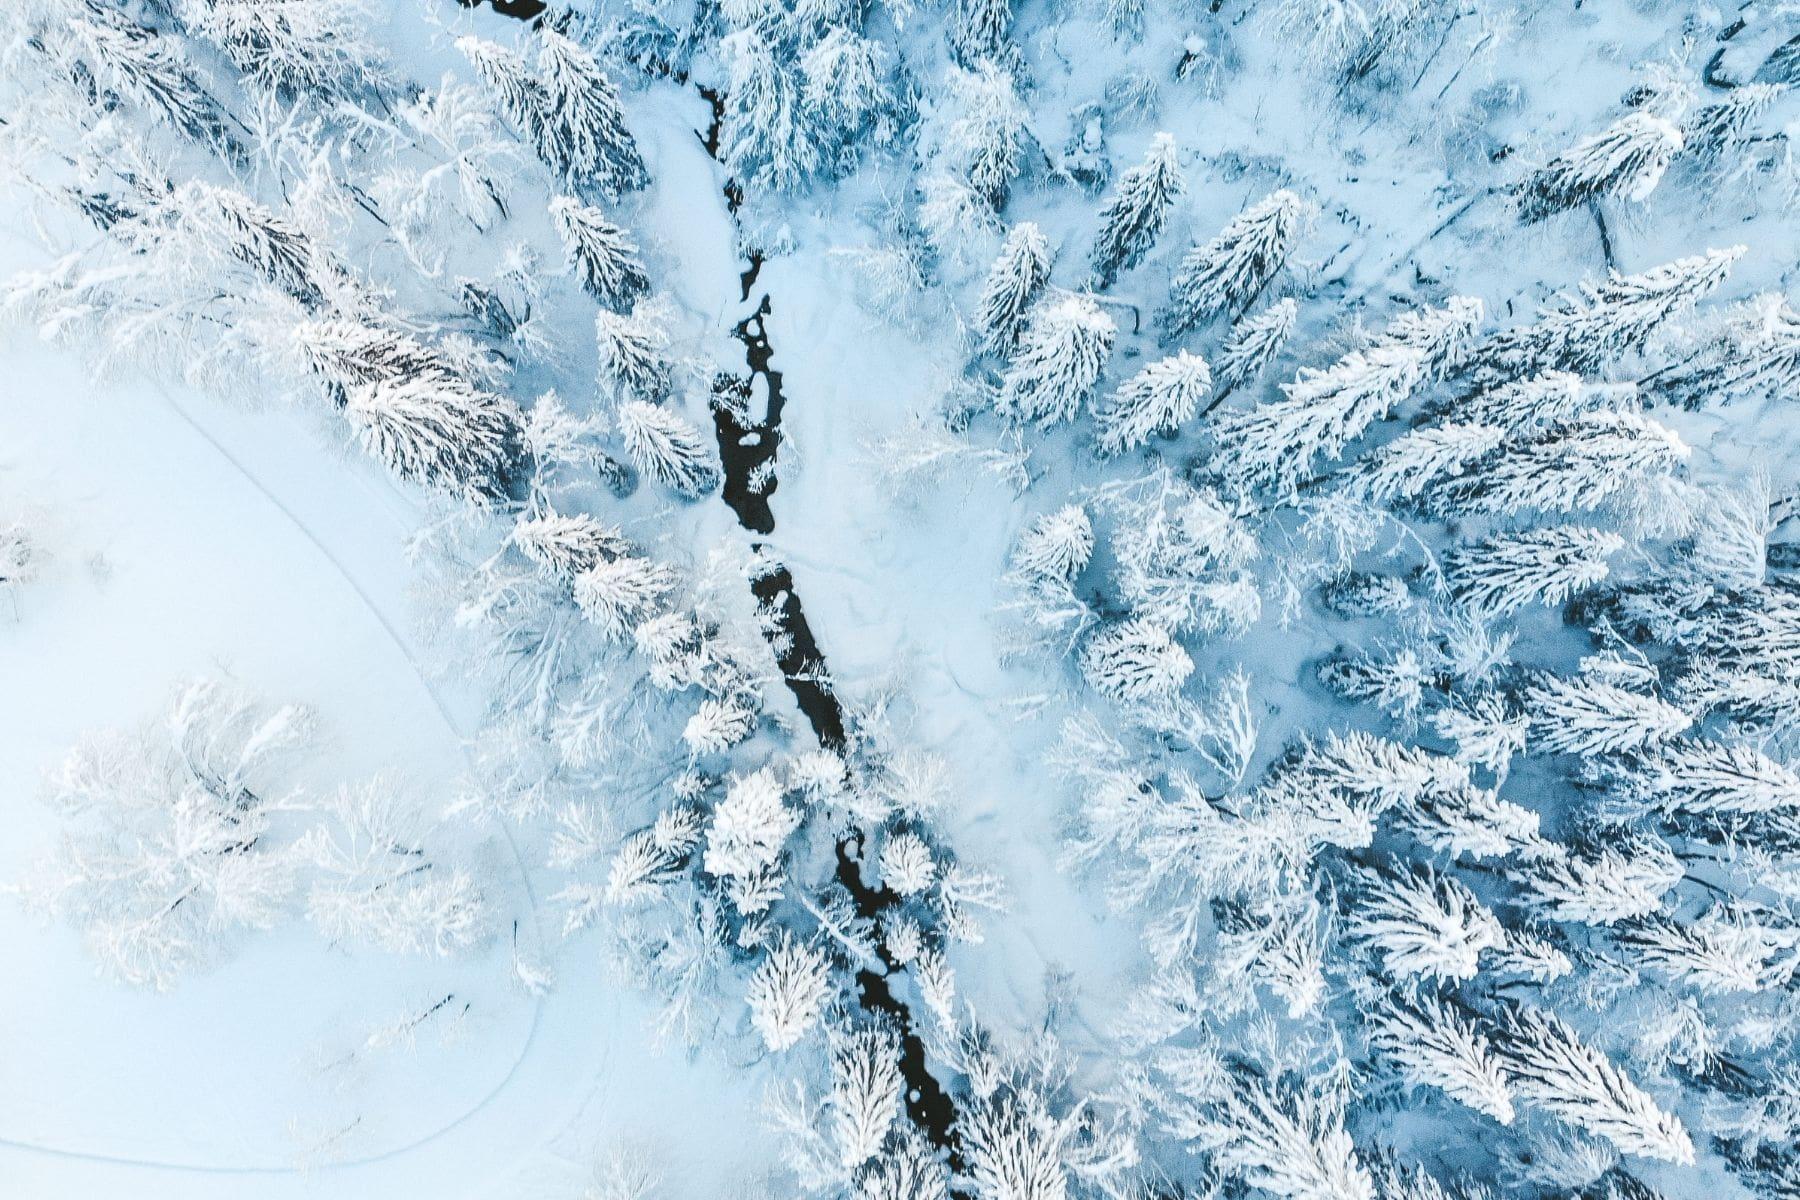 sejour hiver montagne